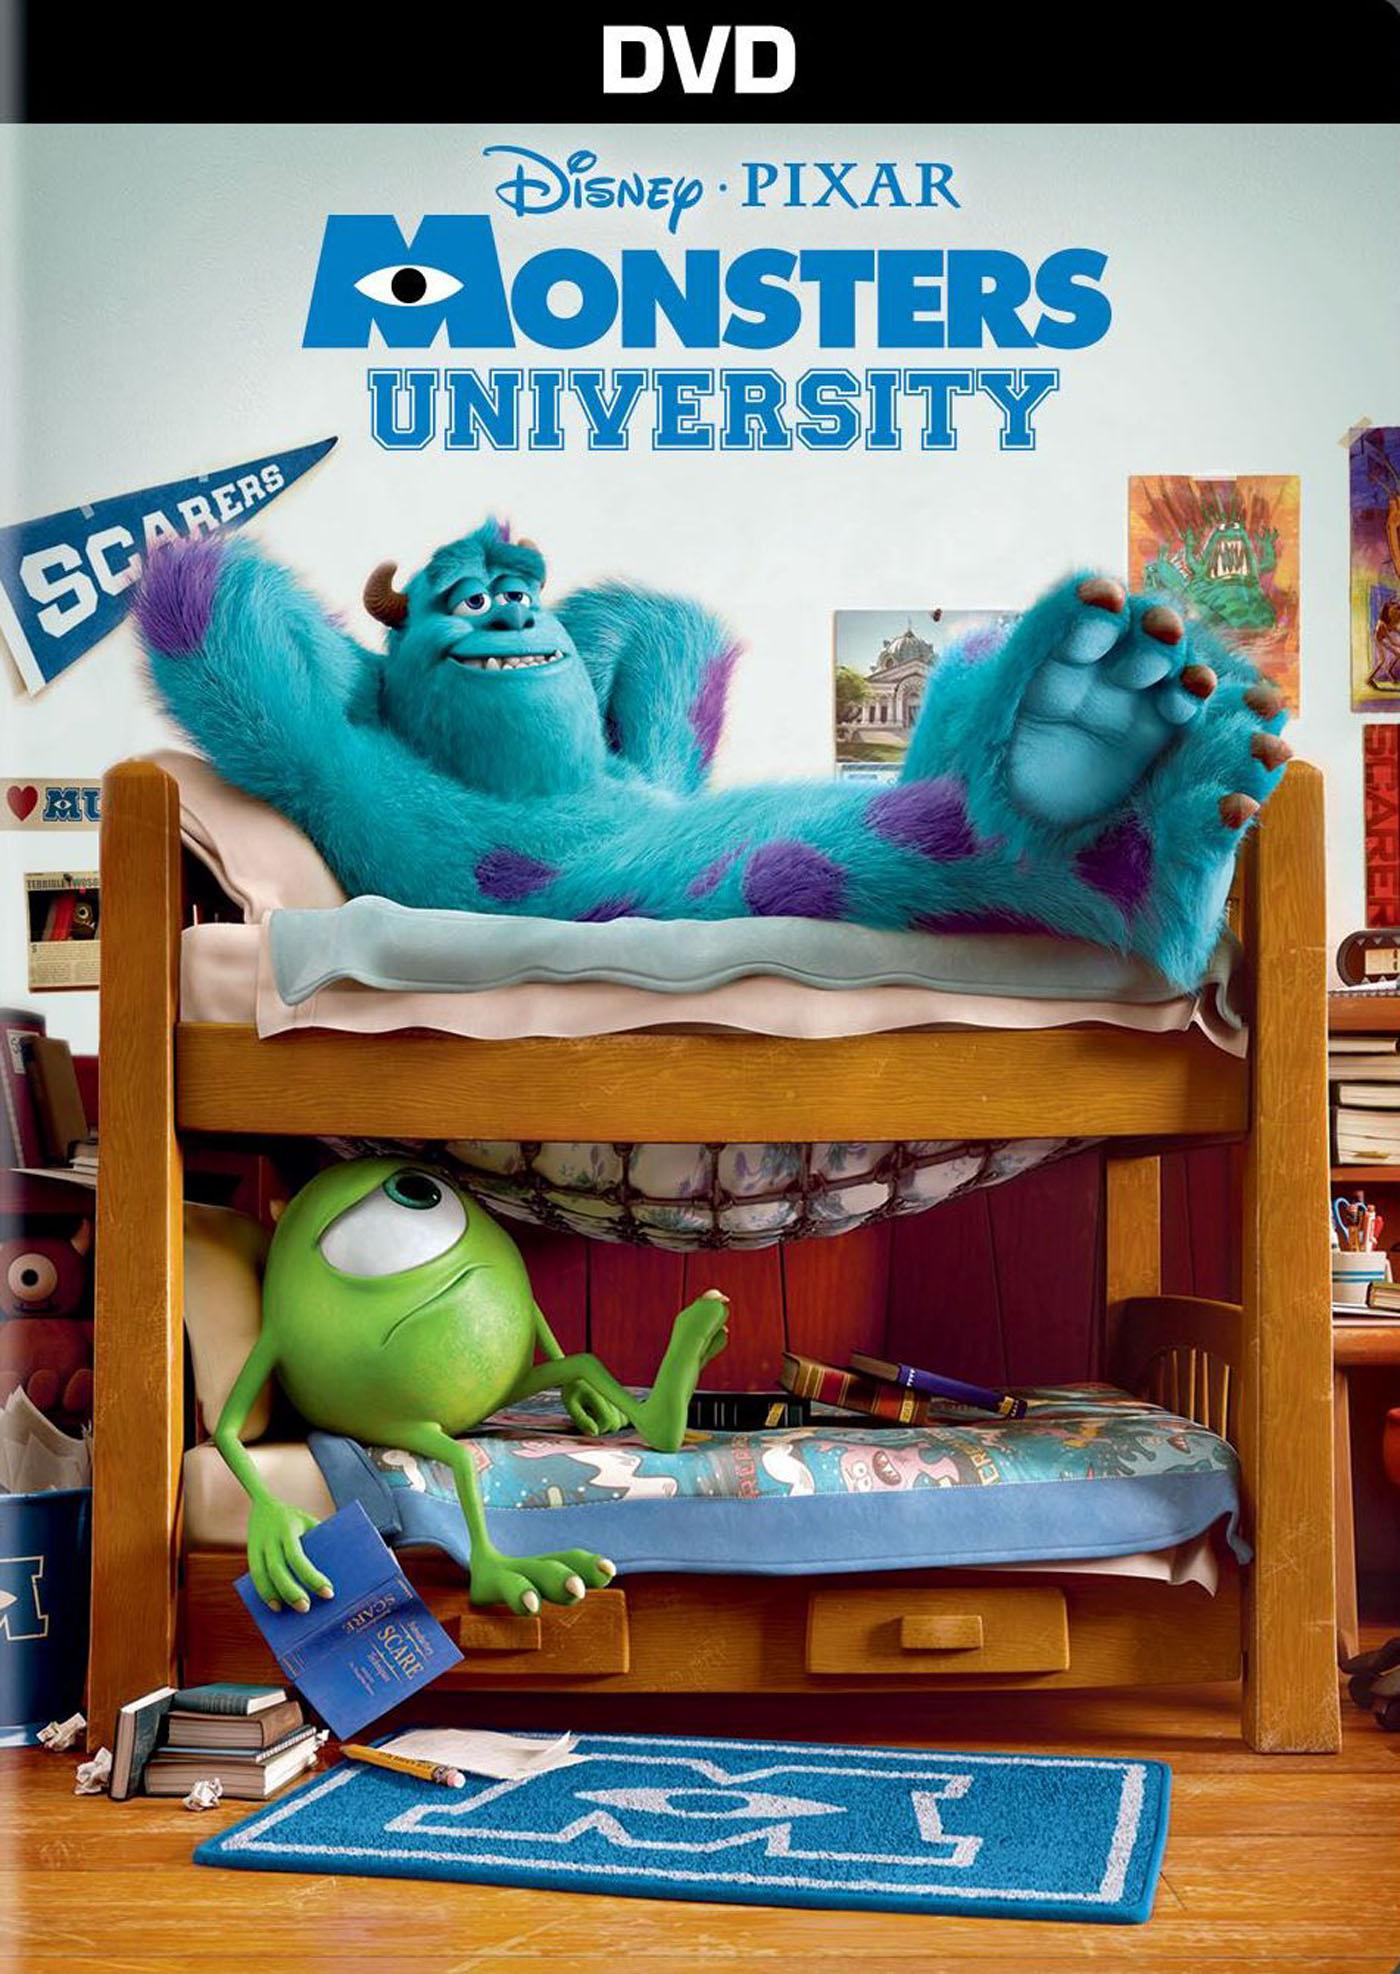 Monsters University (2013 DVD)